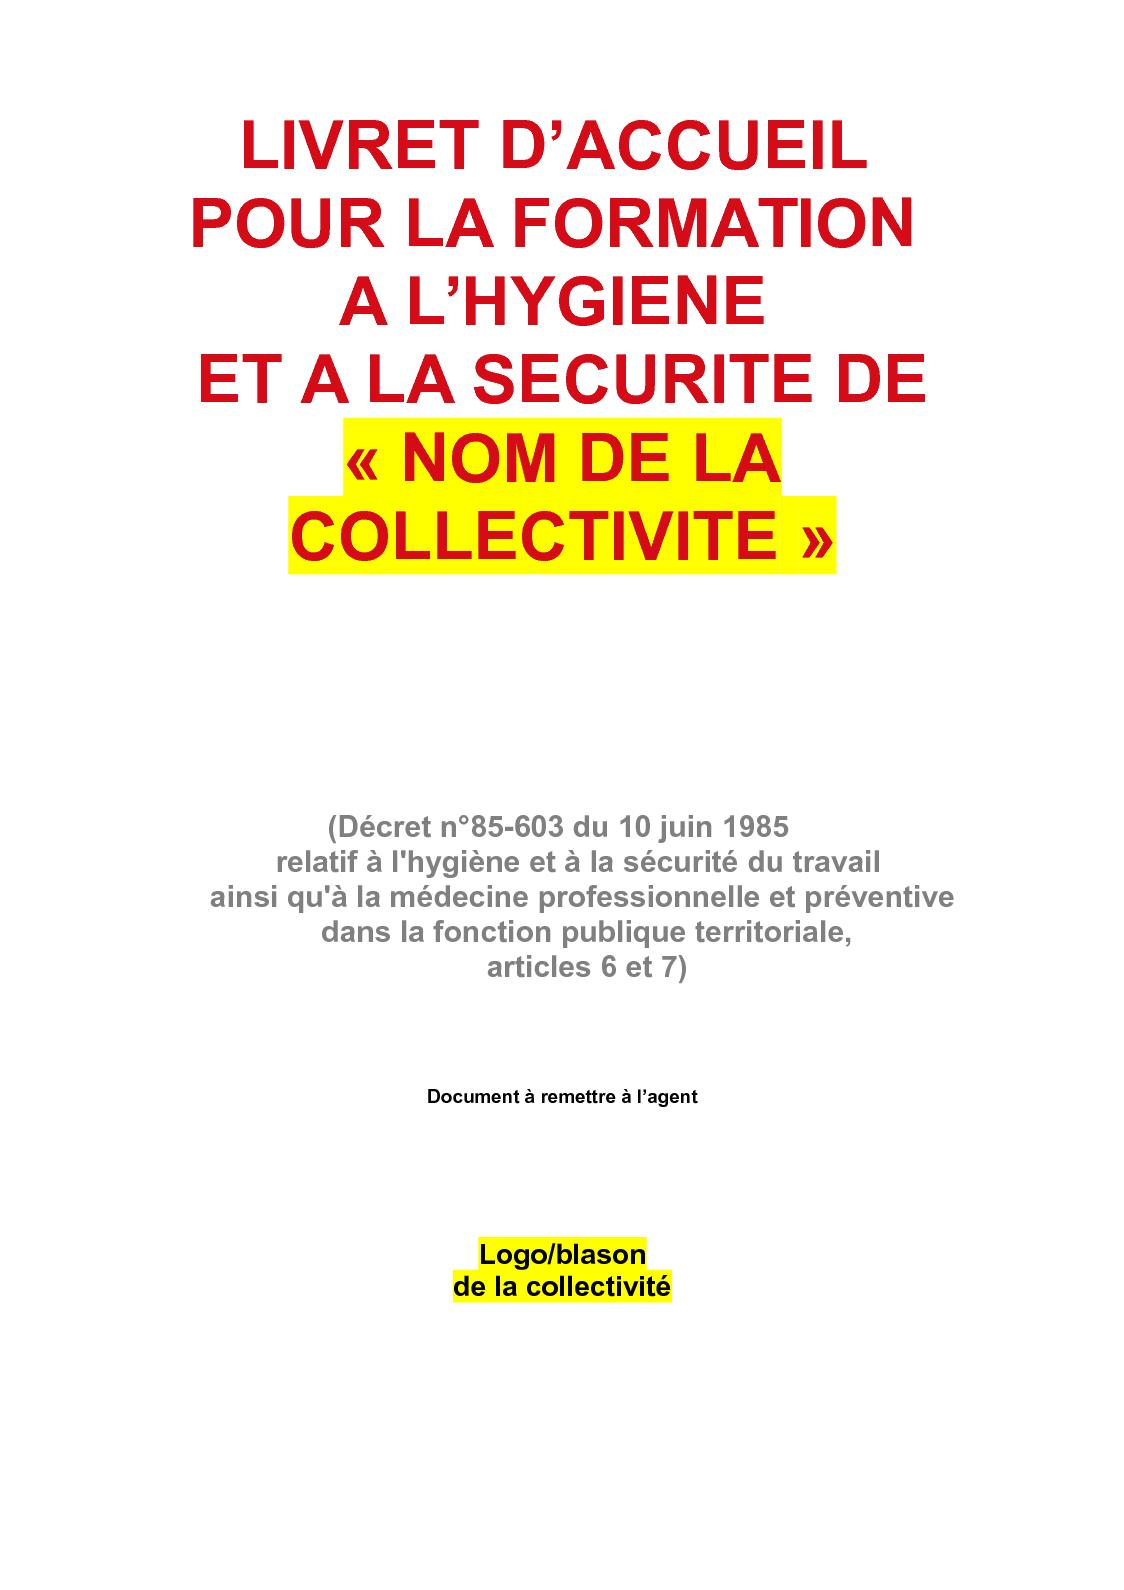 9acb411a47b Calaméo - 2 Livret D accueil Hygiène Sécurité (Compressé)